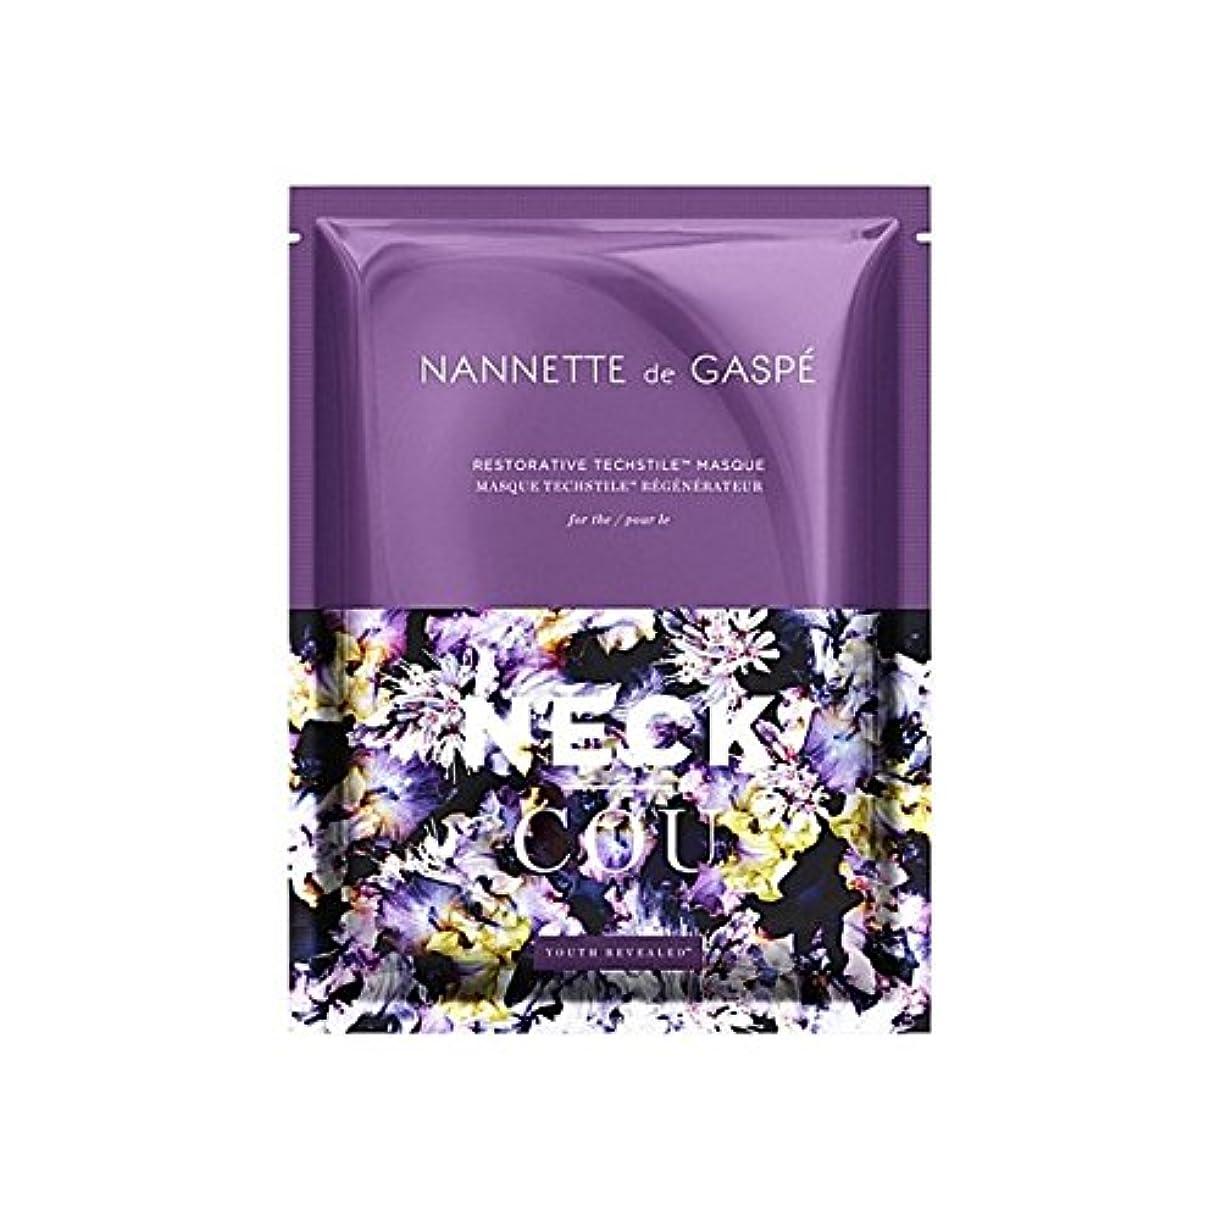 商人普通のツーリストデガスペ修復首の仮面劇 x4 - Nannette De Gaspe Restorative Techstile Neck Masque (Pack of 4) [並行輸入品]